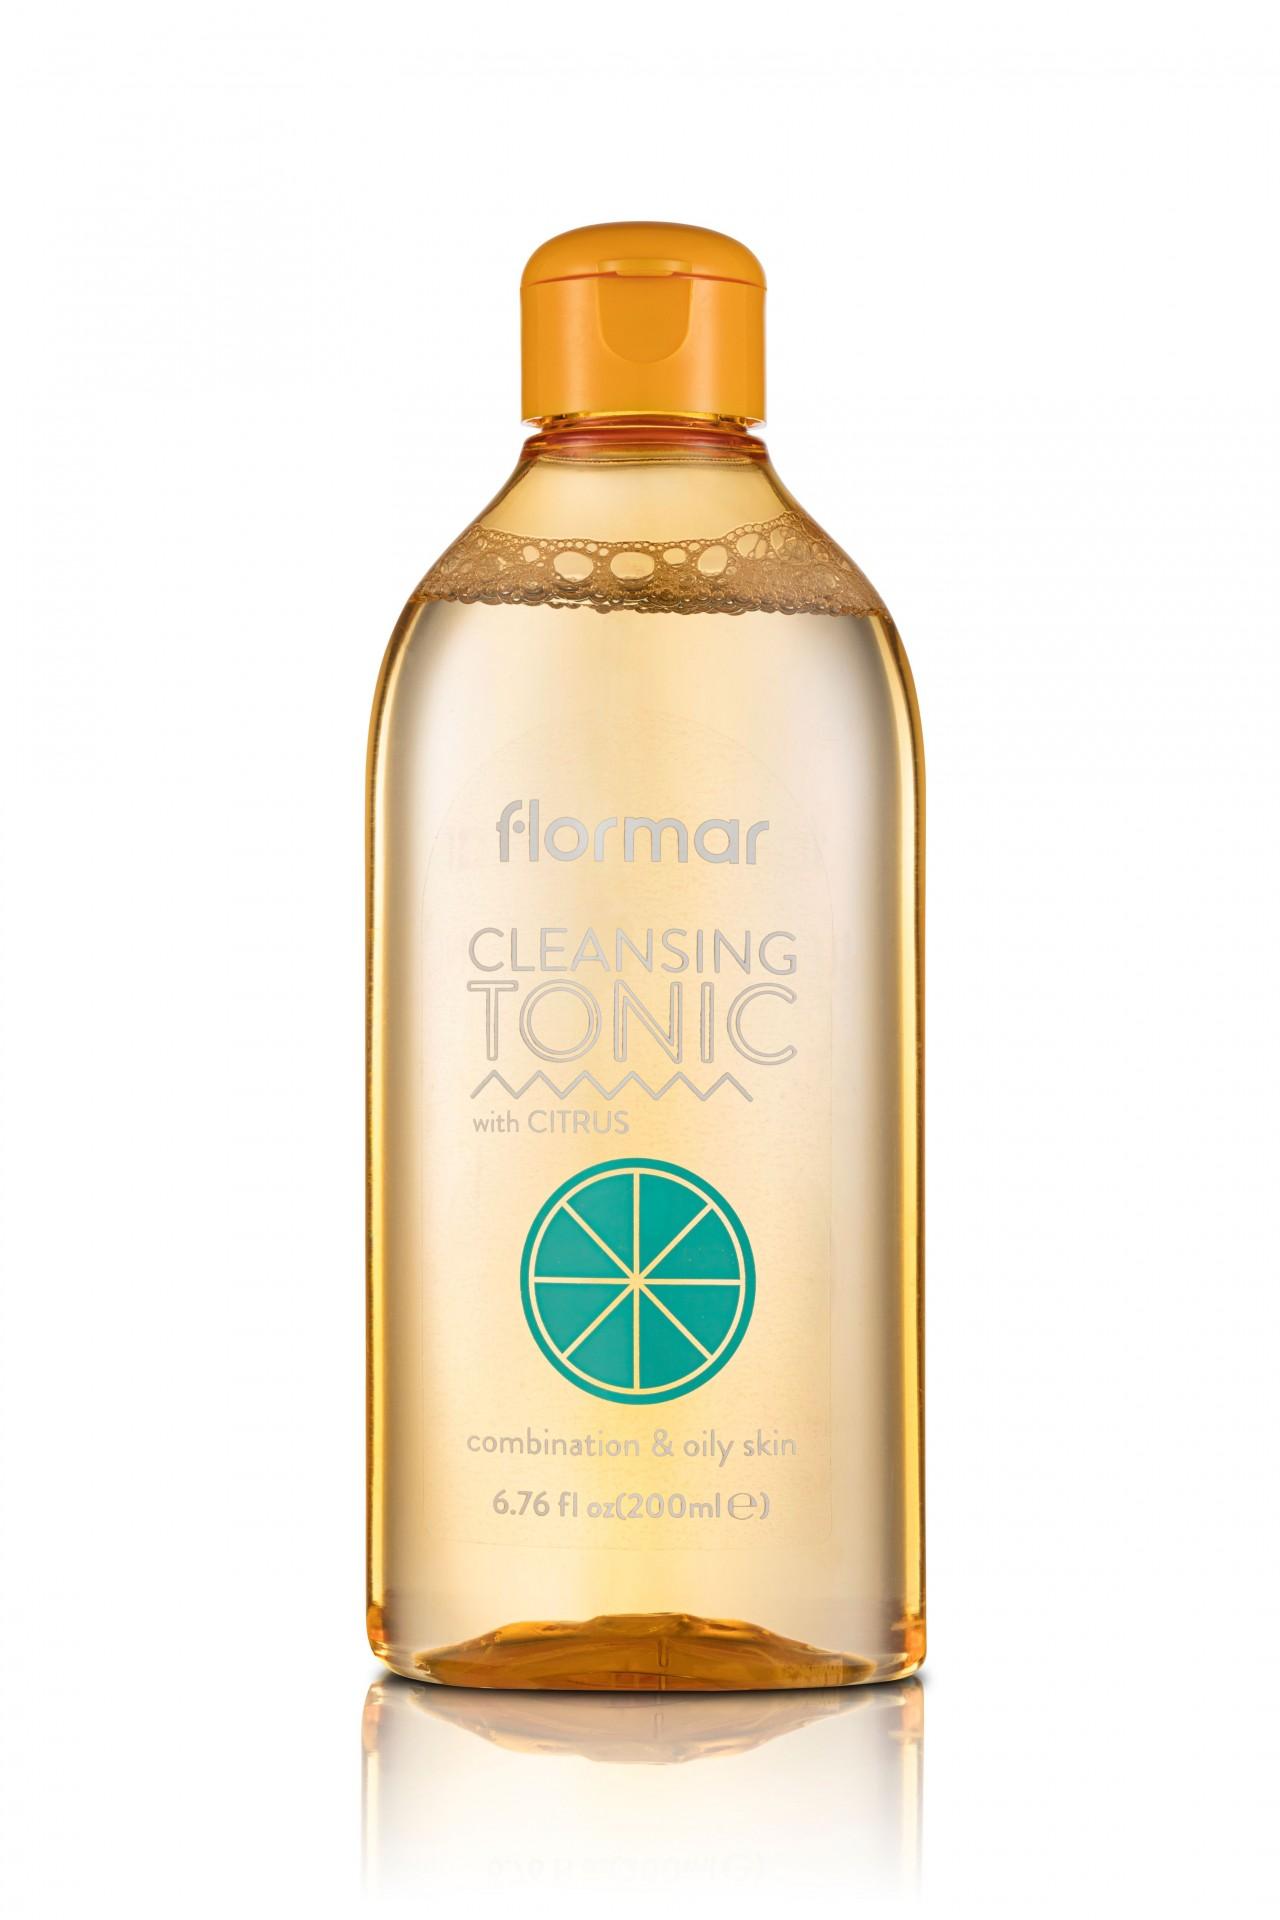 FLORMAR - CLEANSING TONIC - CITRUS